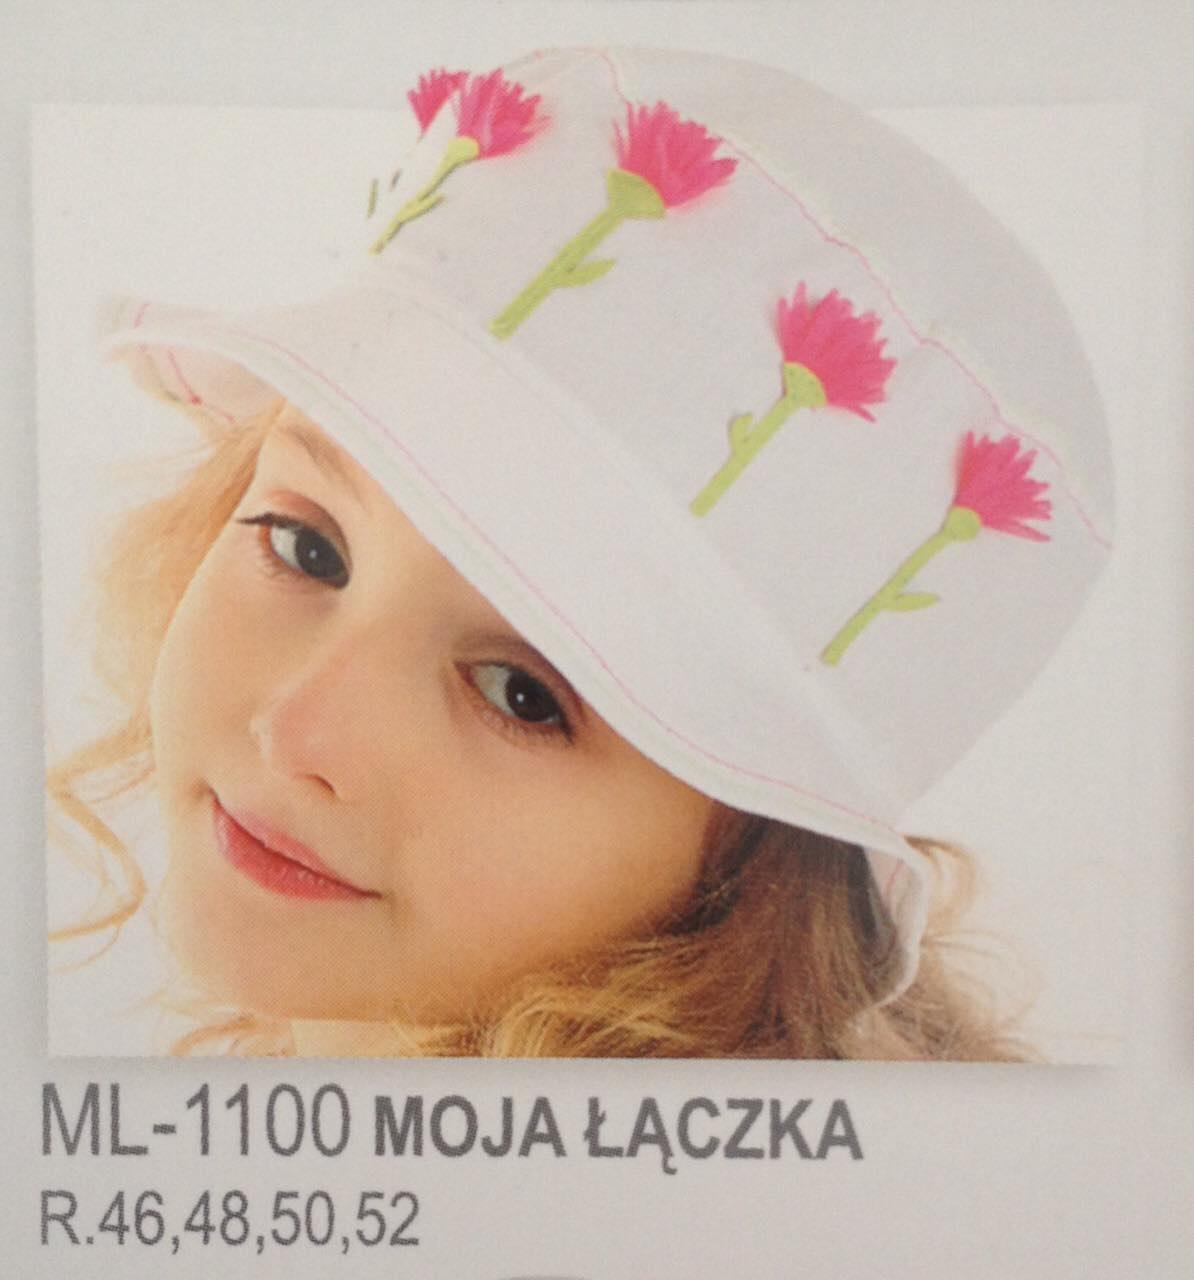 Елегантний капелюшок з аплікацією для юної леді від Marika Польща